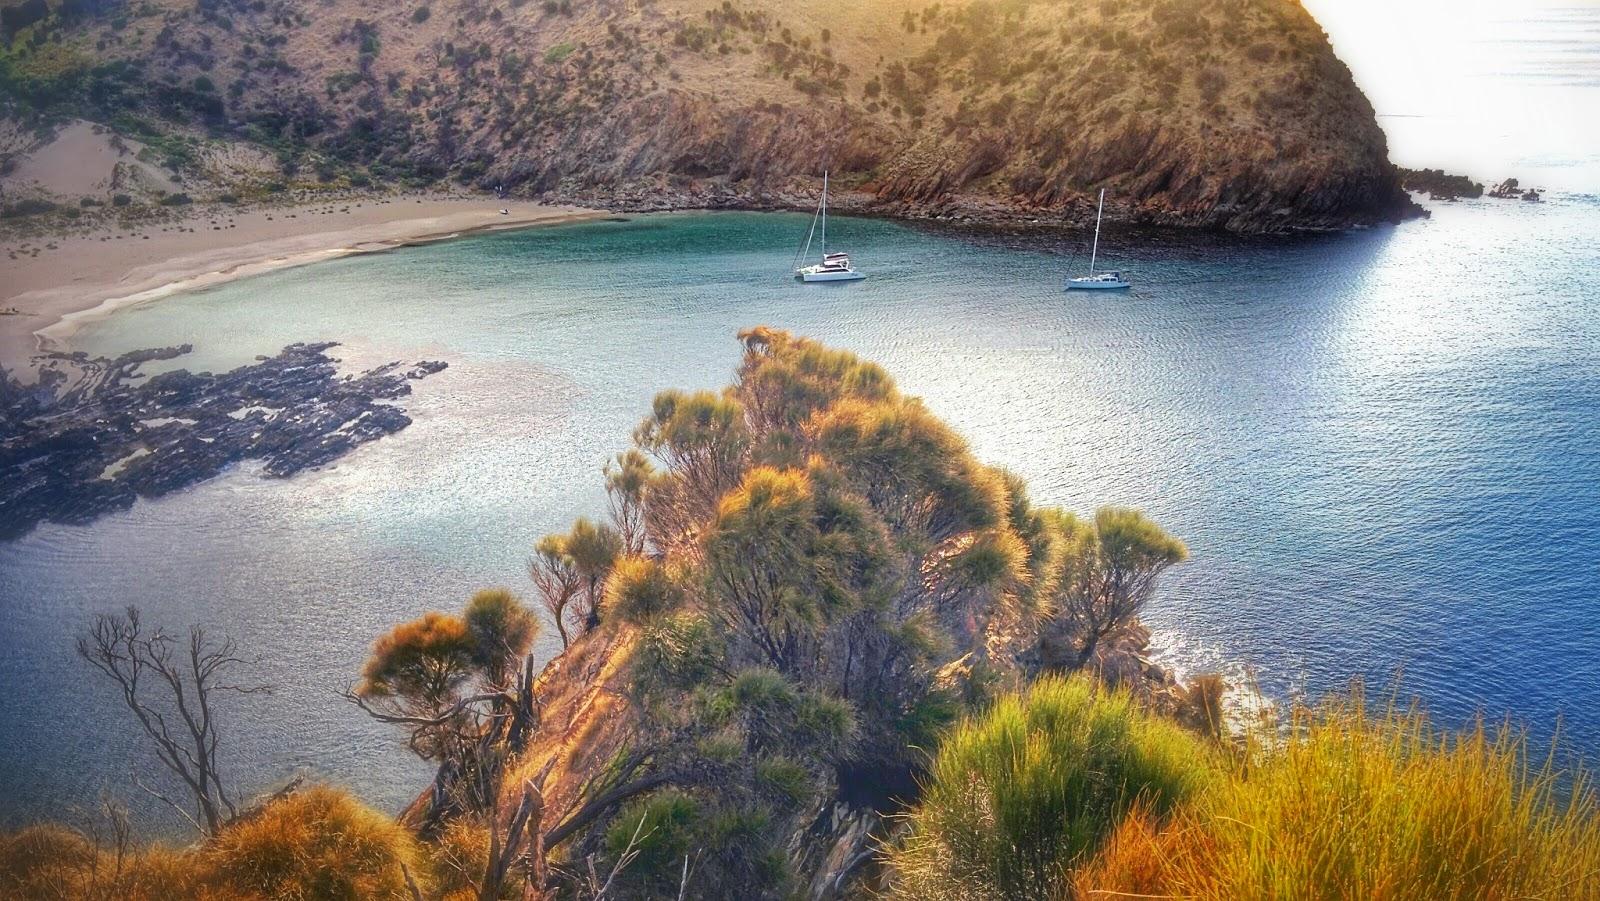 Cruise Wedge Island Althorpe Island And Western River